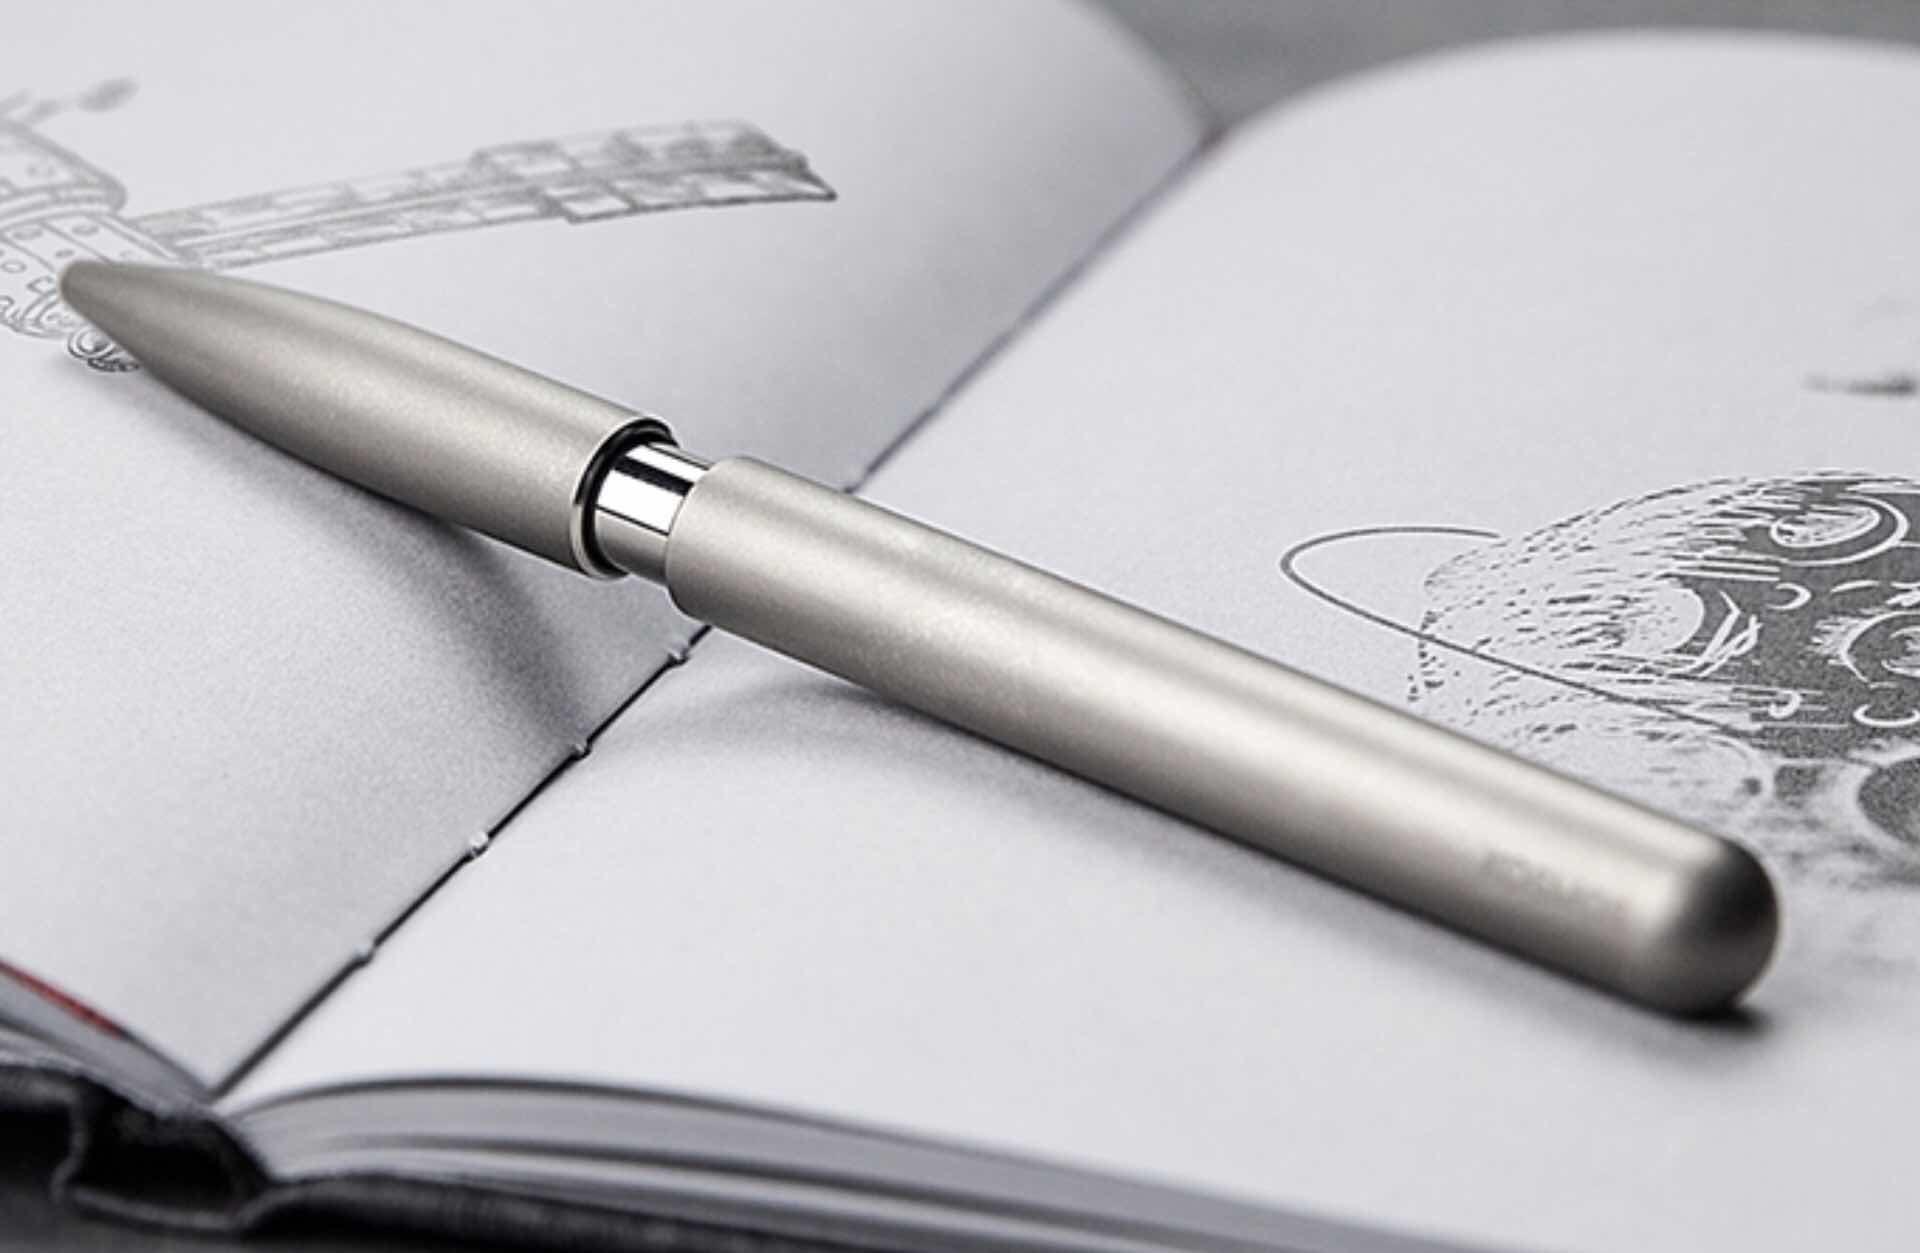 stilform-kosmos-titan-titanium-pen